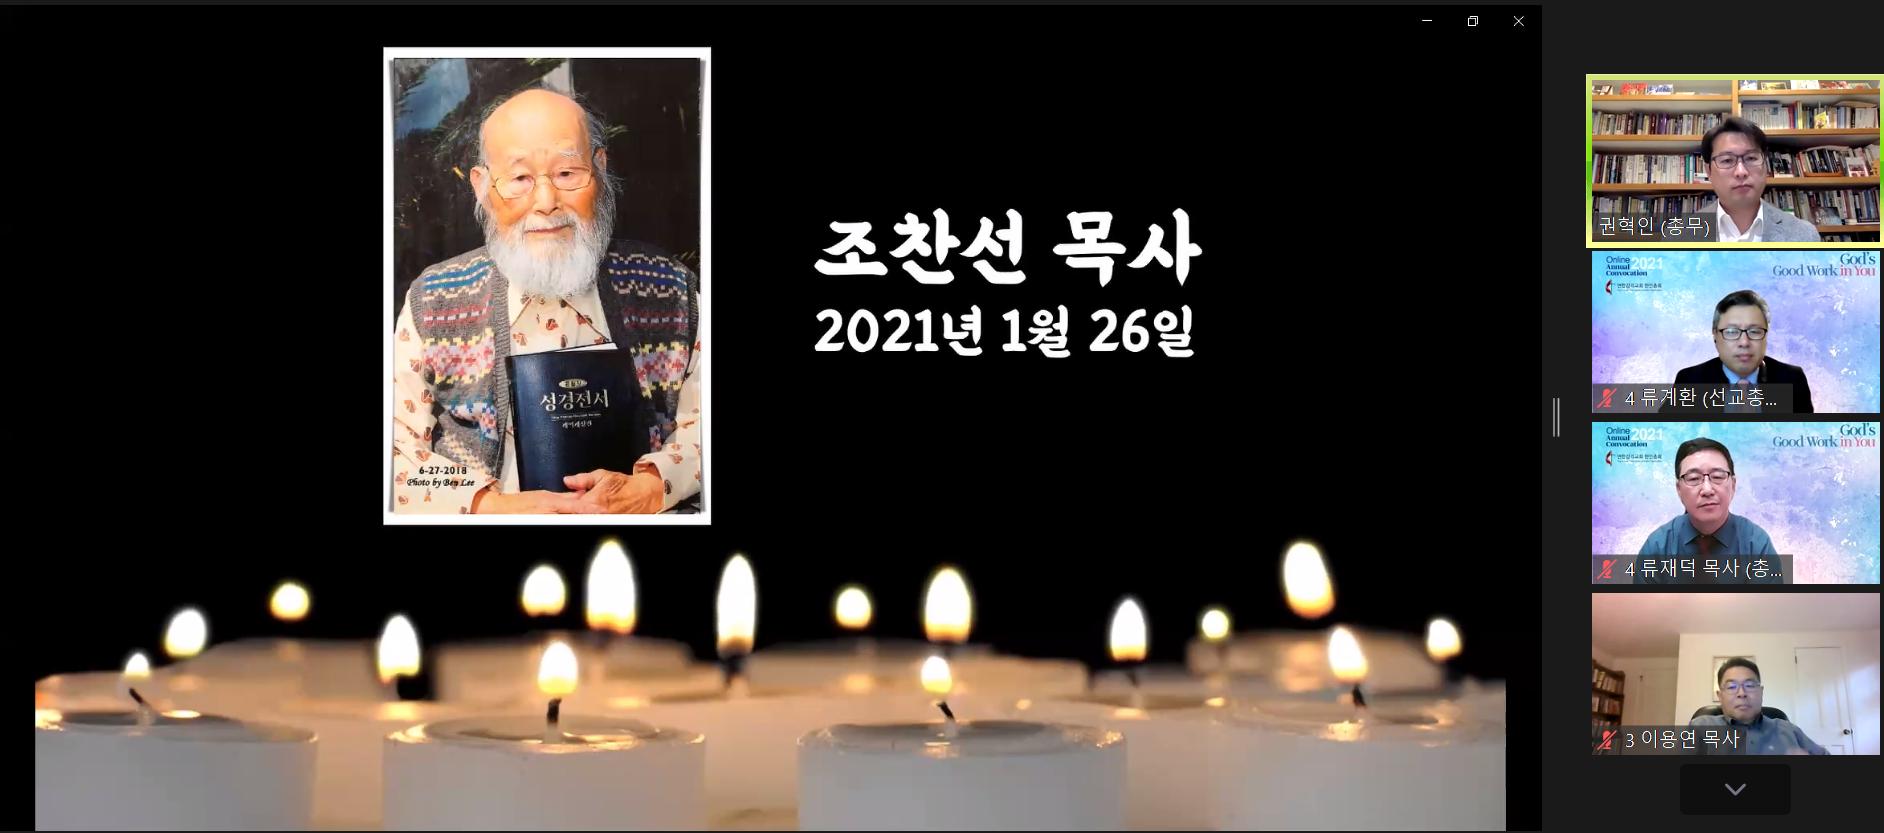 2019-2021년에 소천한 목회자 가운데 최고령자인 조찬선 목사의 추모 장면 갈무리.